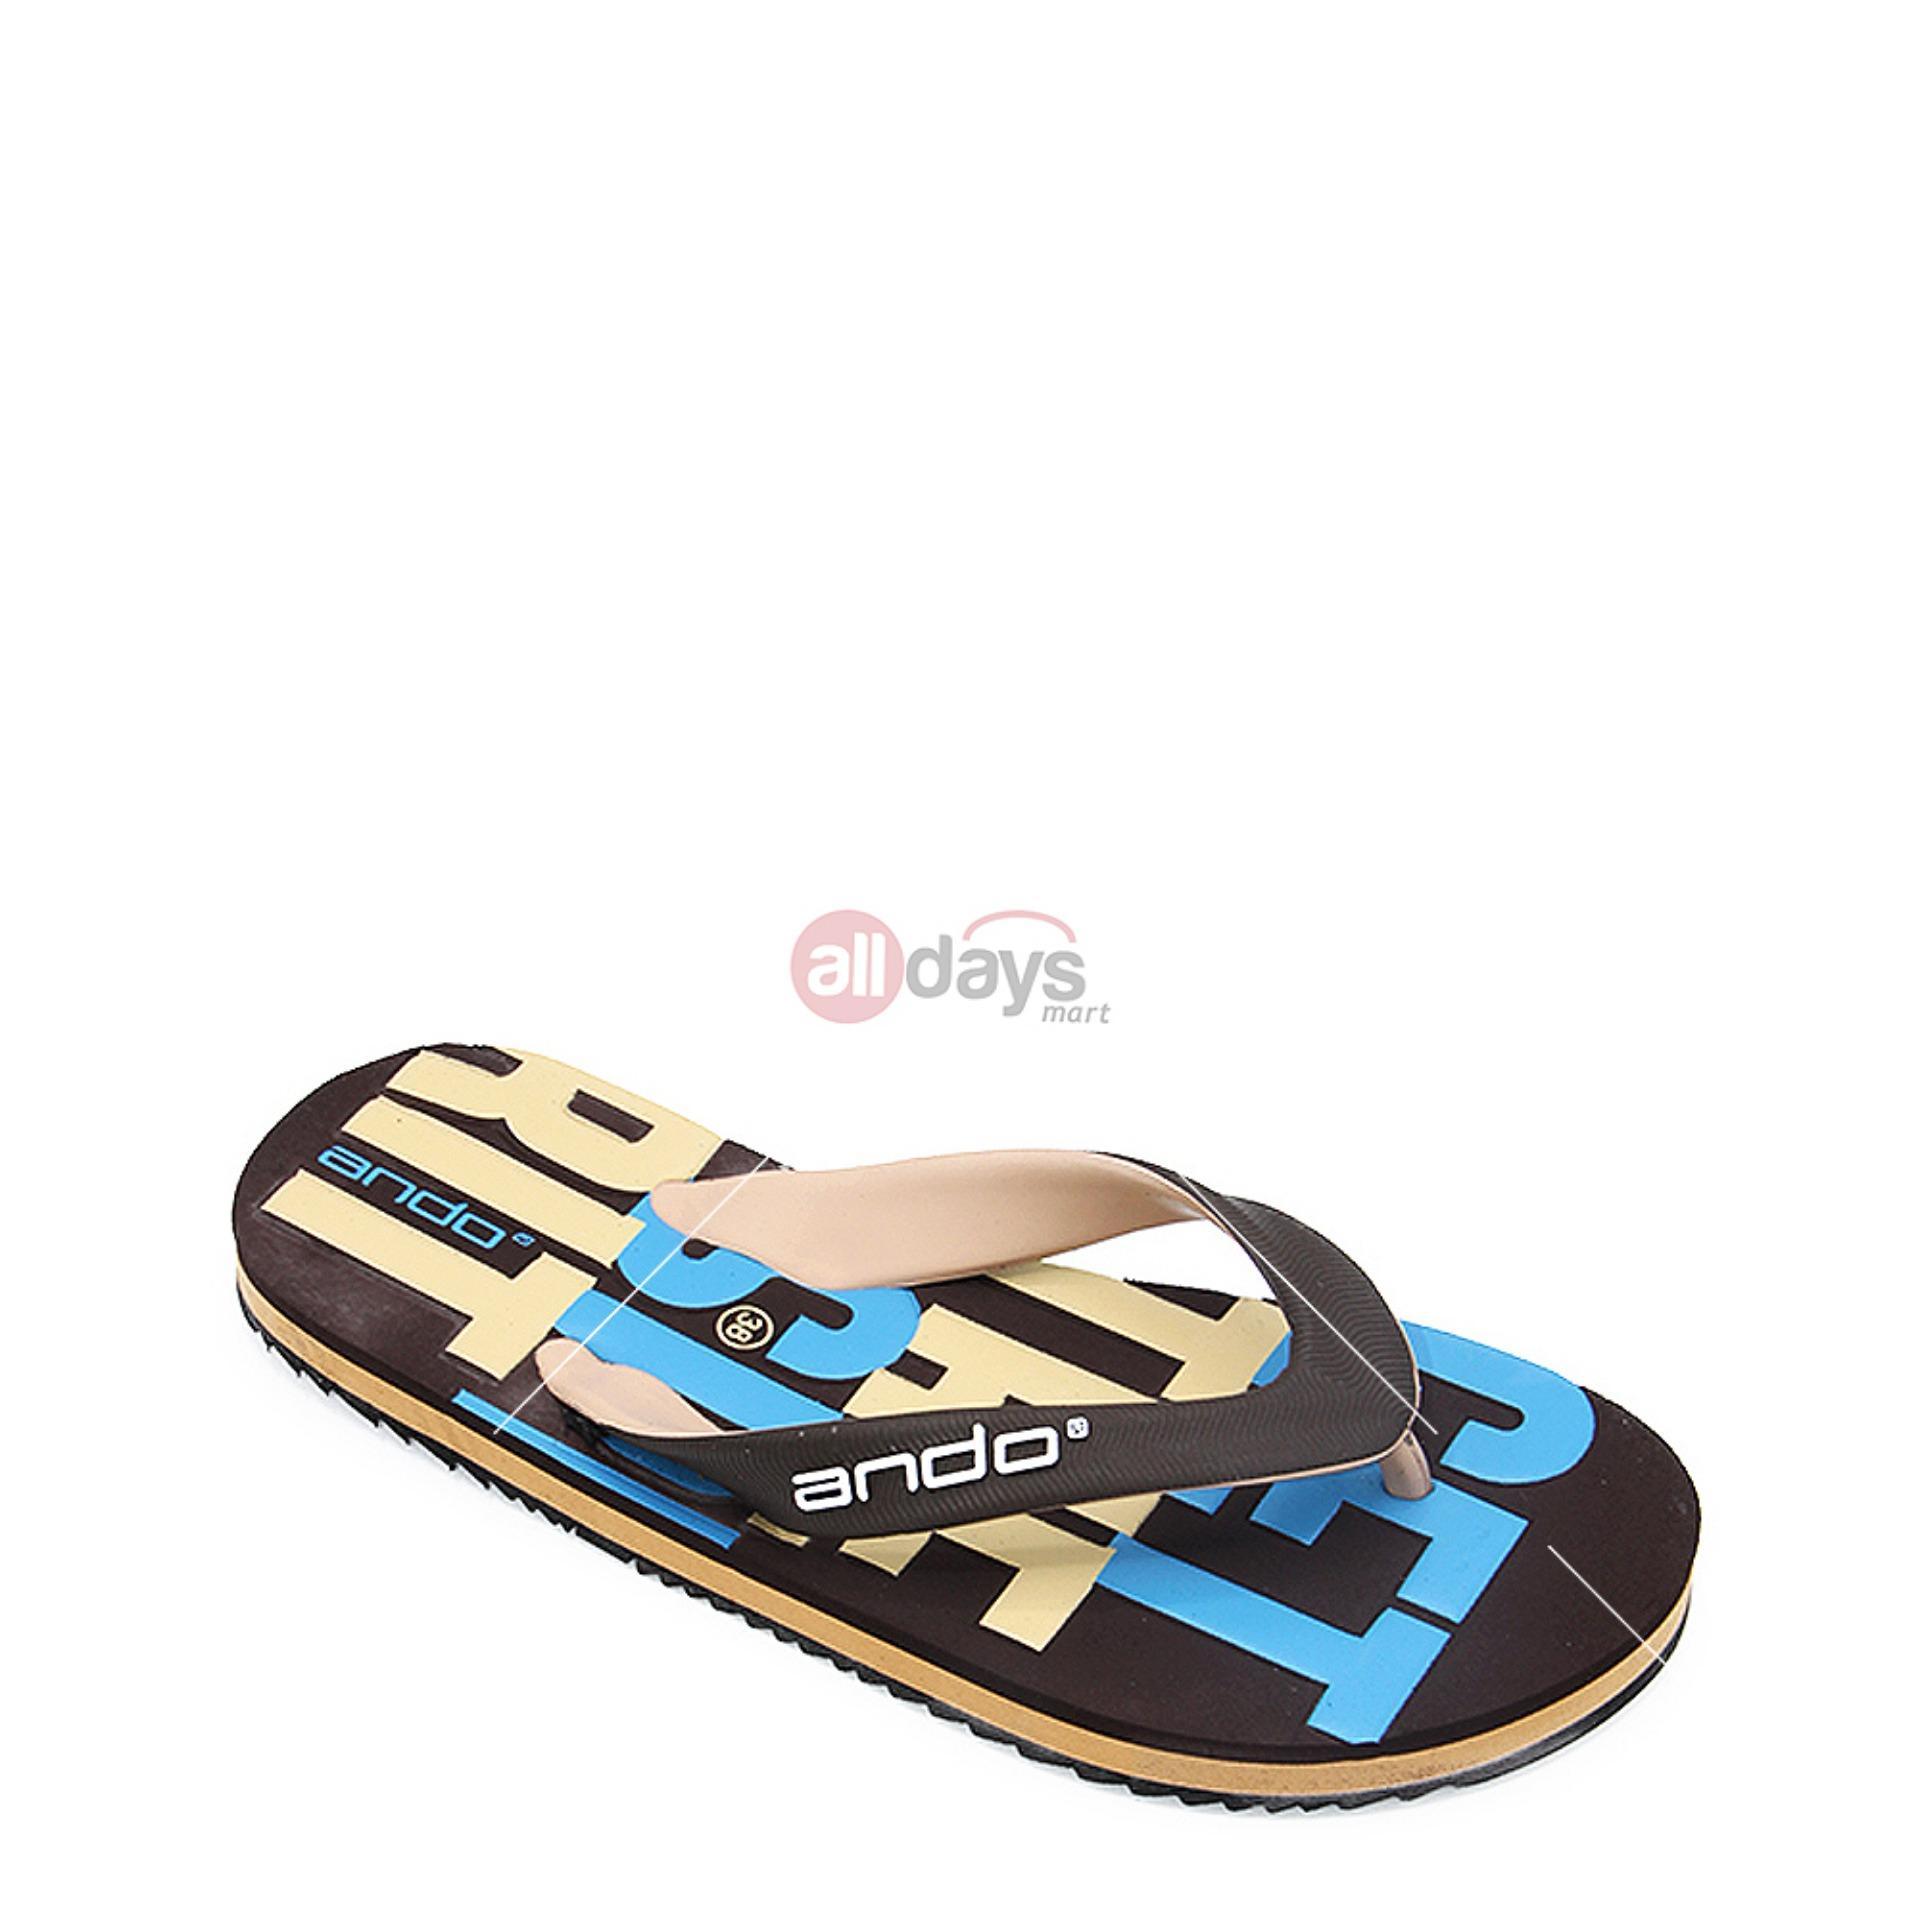 Review Ando Sandal Jepit Pria Grafitty 02 Coklat Tan Size 38 42 Ando Di Indonesia